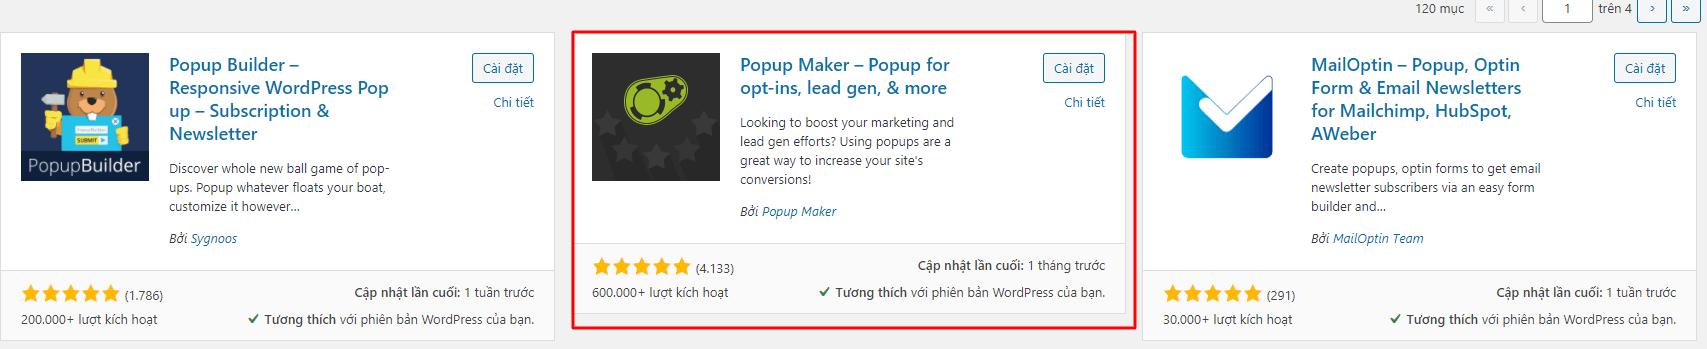 cài đặt popup maker